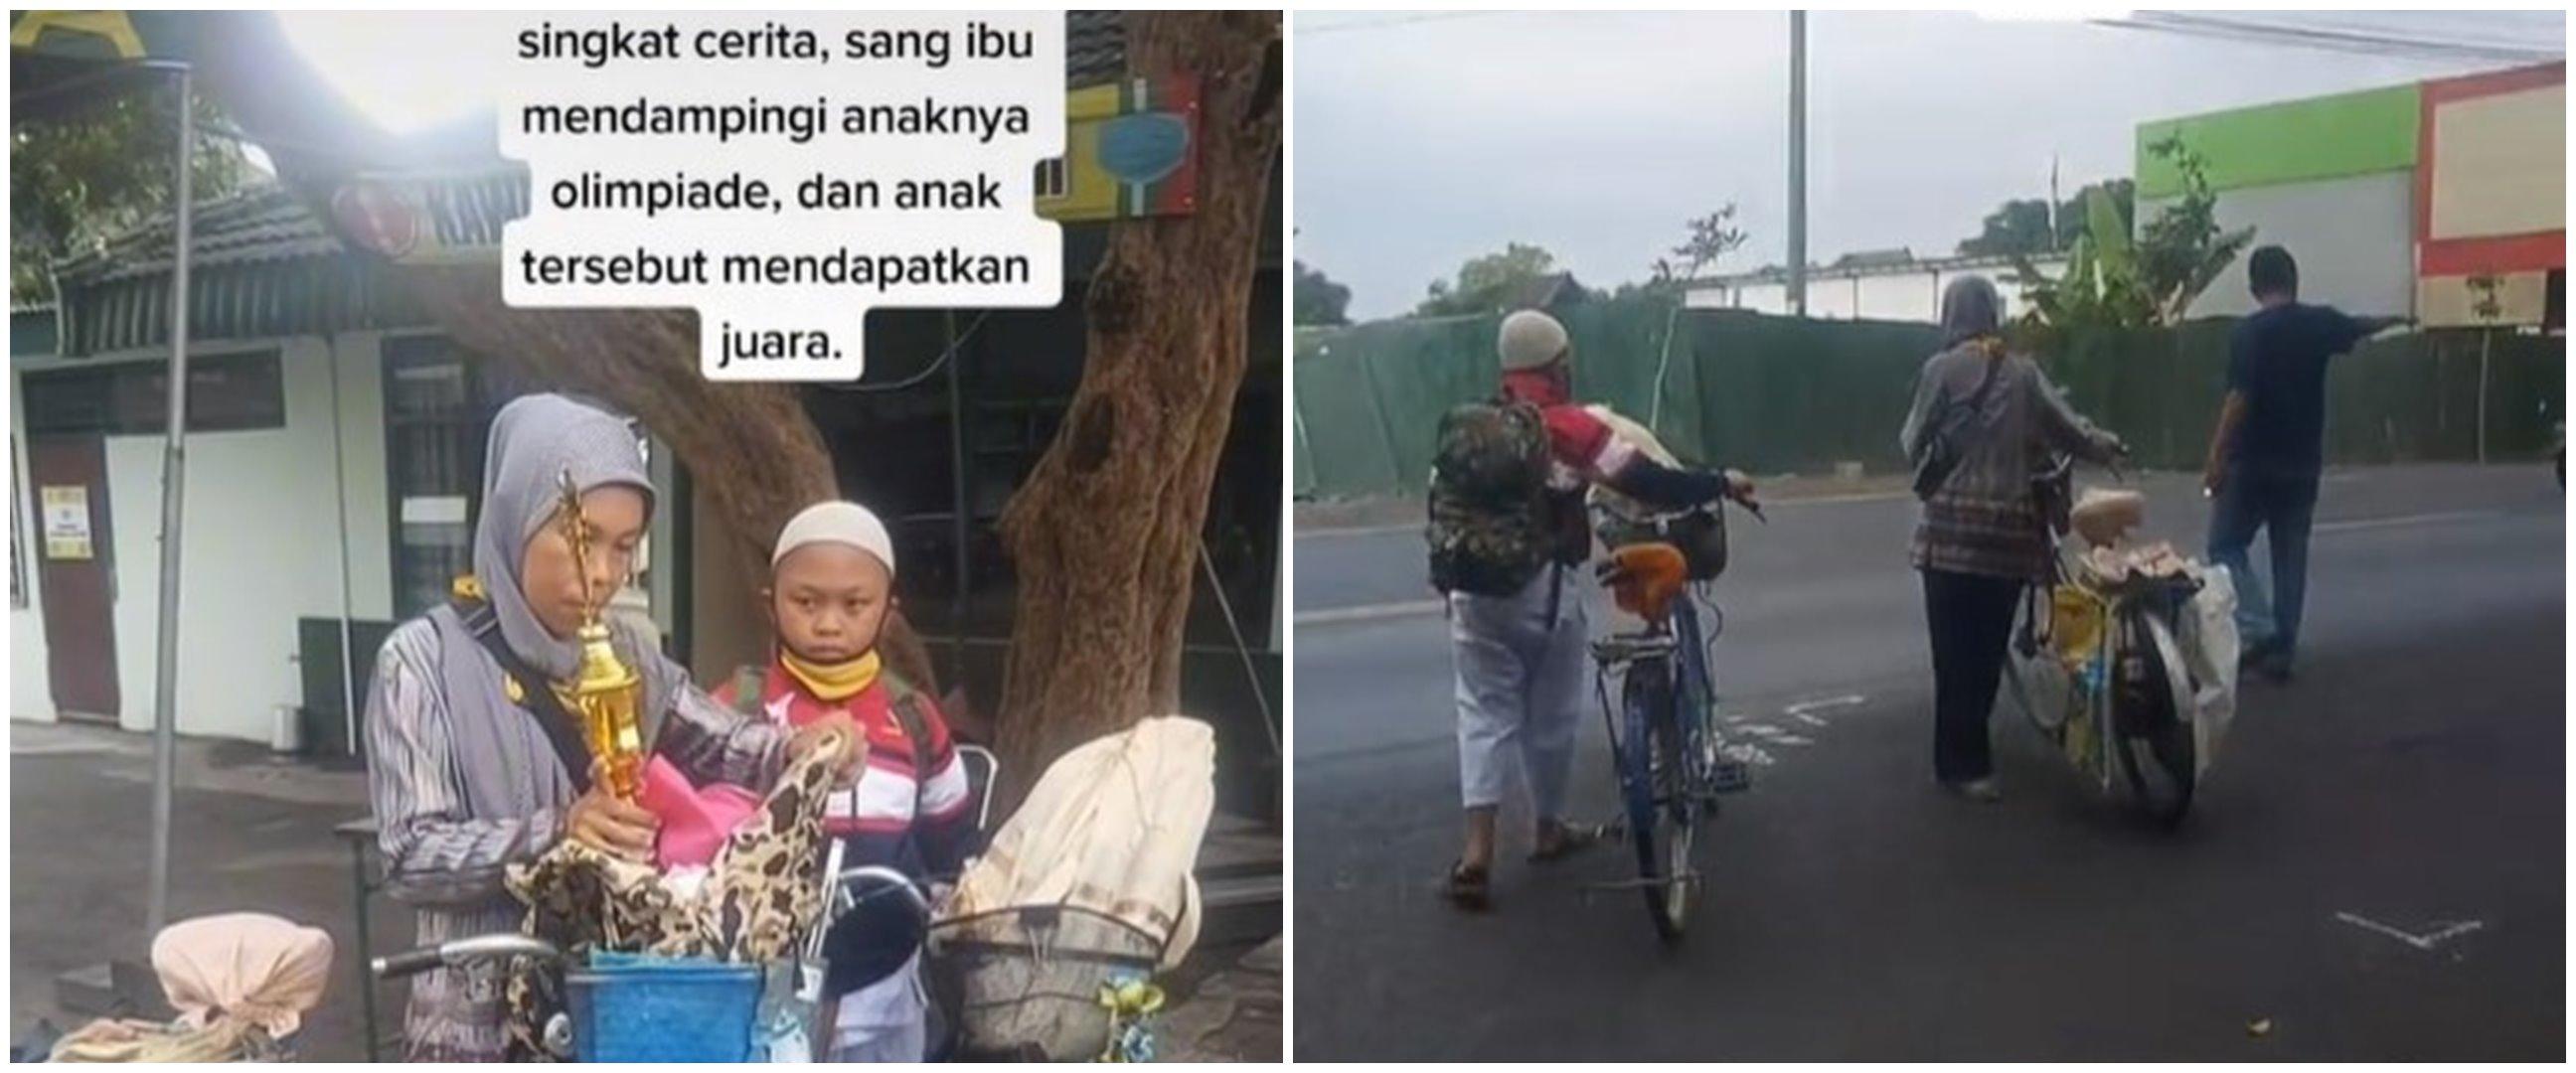 Perjuangan ibu antar anak olimpiade naik sepeda, penuh haru